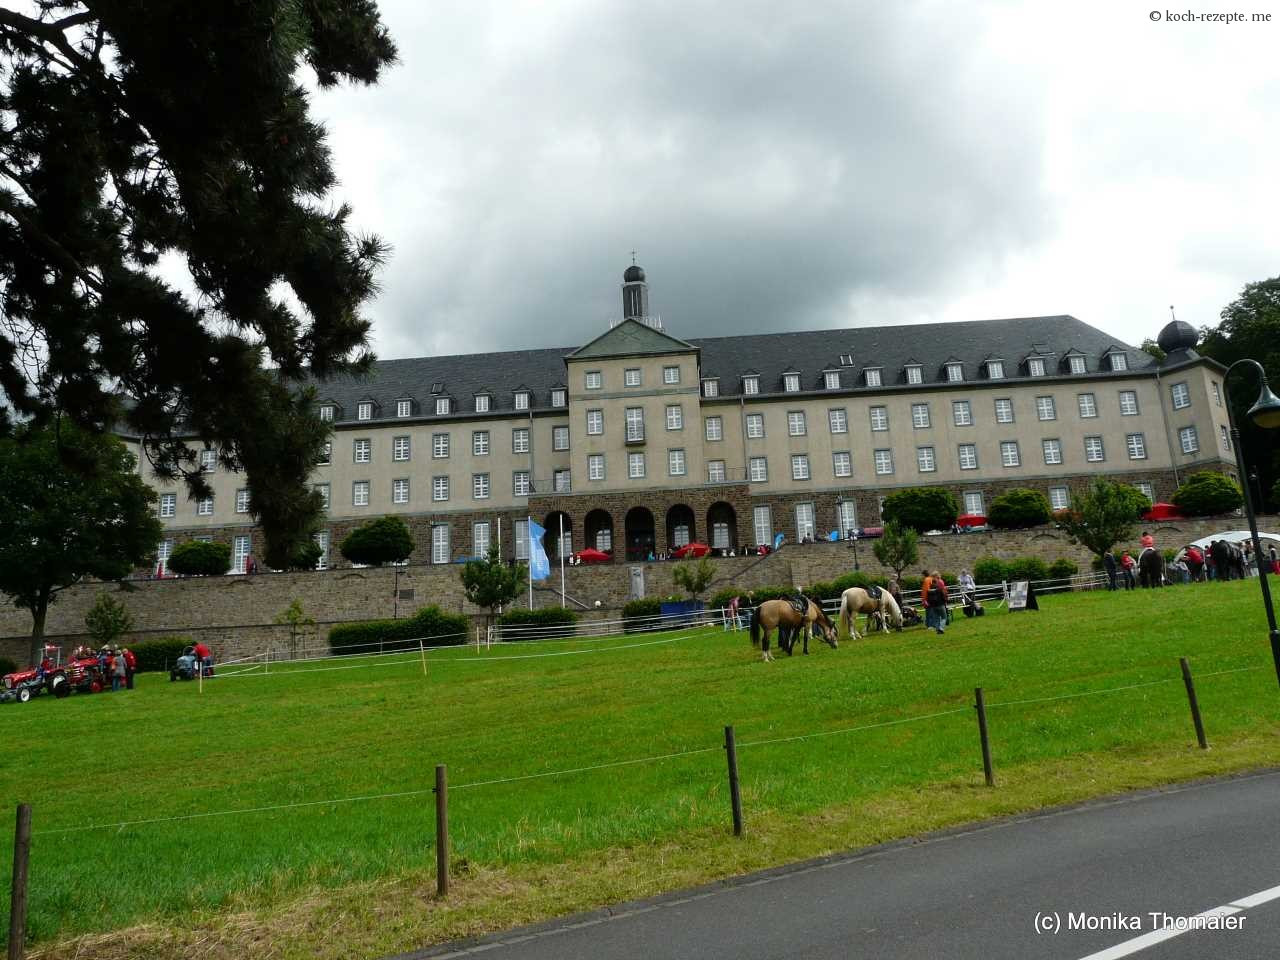 Kardinal Schulte Haus Bensberg  Bergische Landpartie Bensberg 2013 Bauernmarkt der Vielfalt